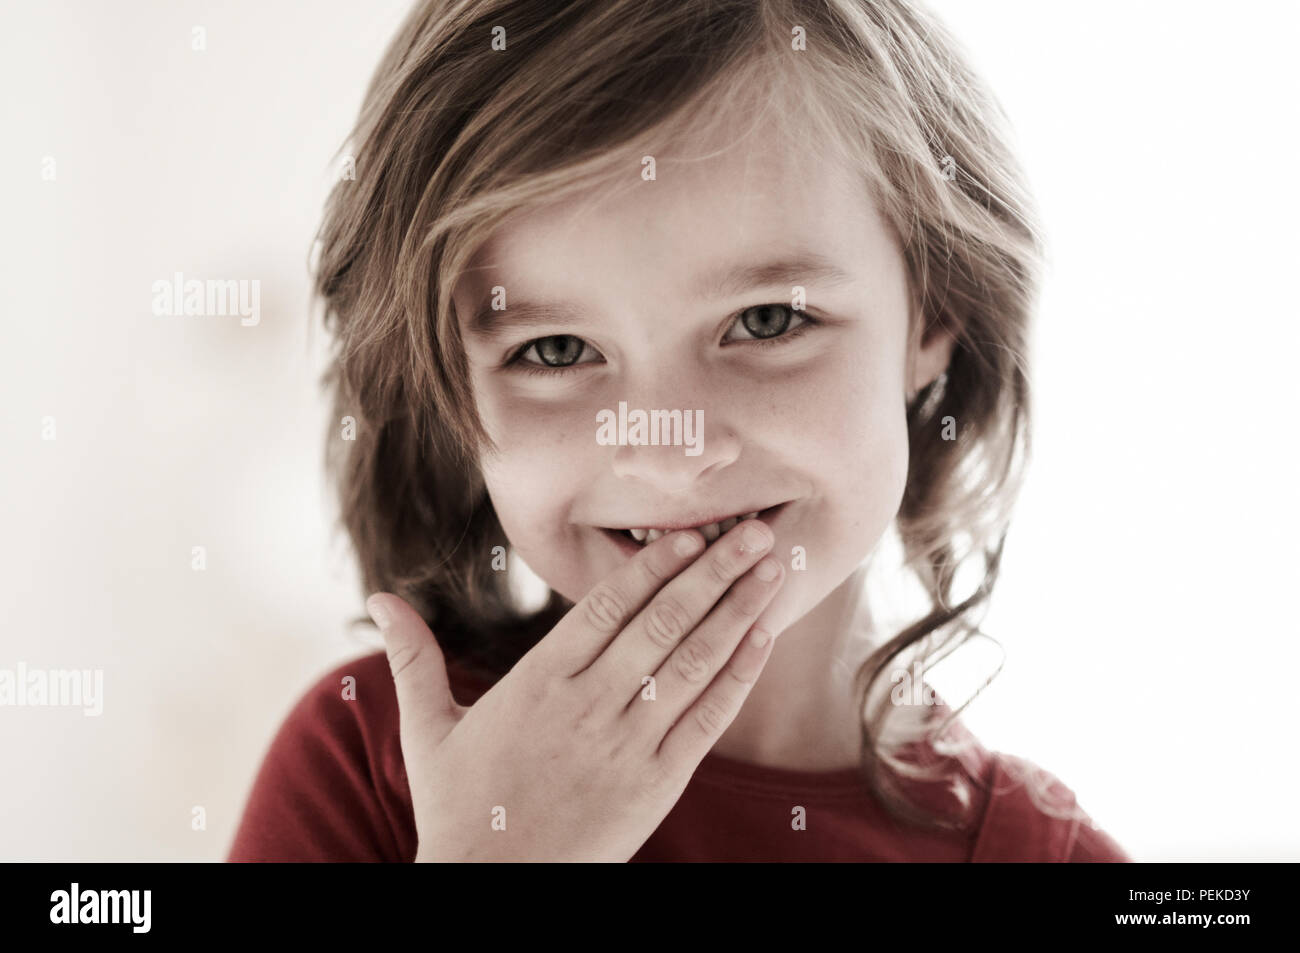 Innocent Little Girl!